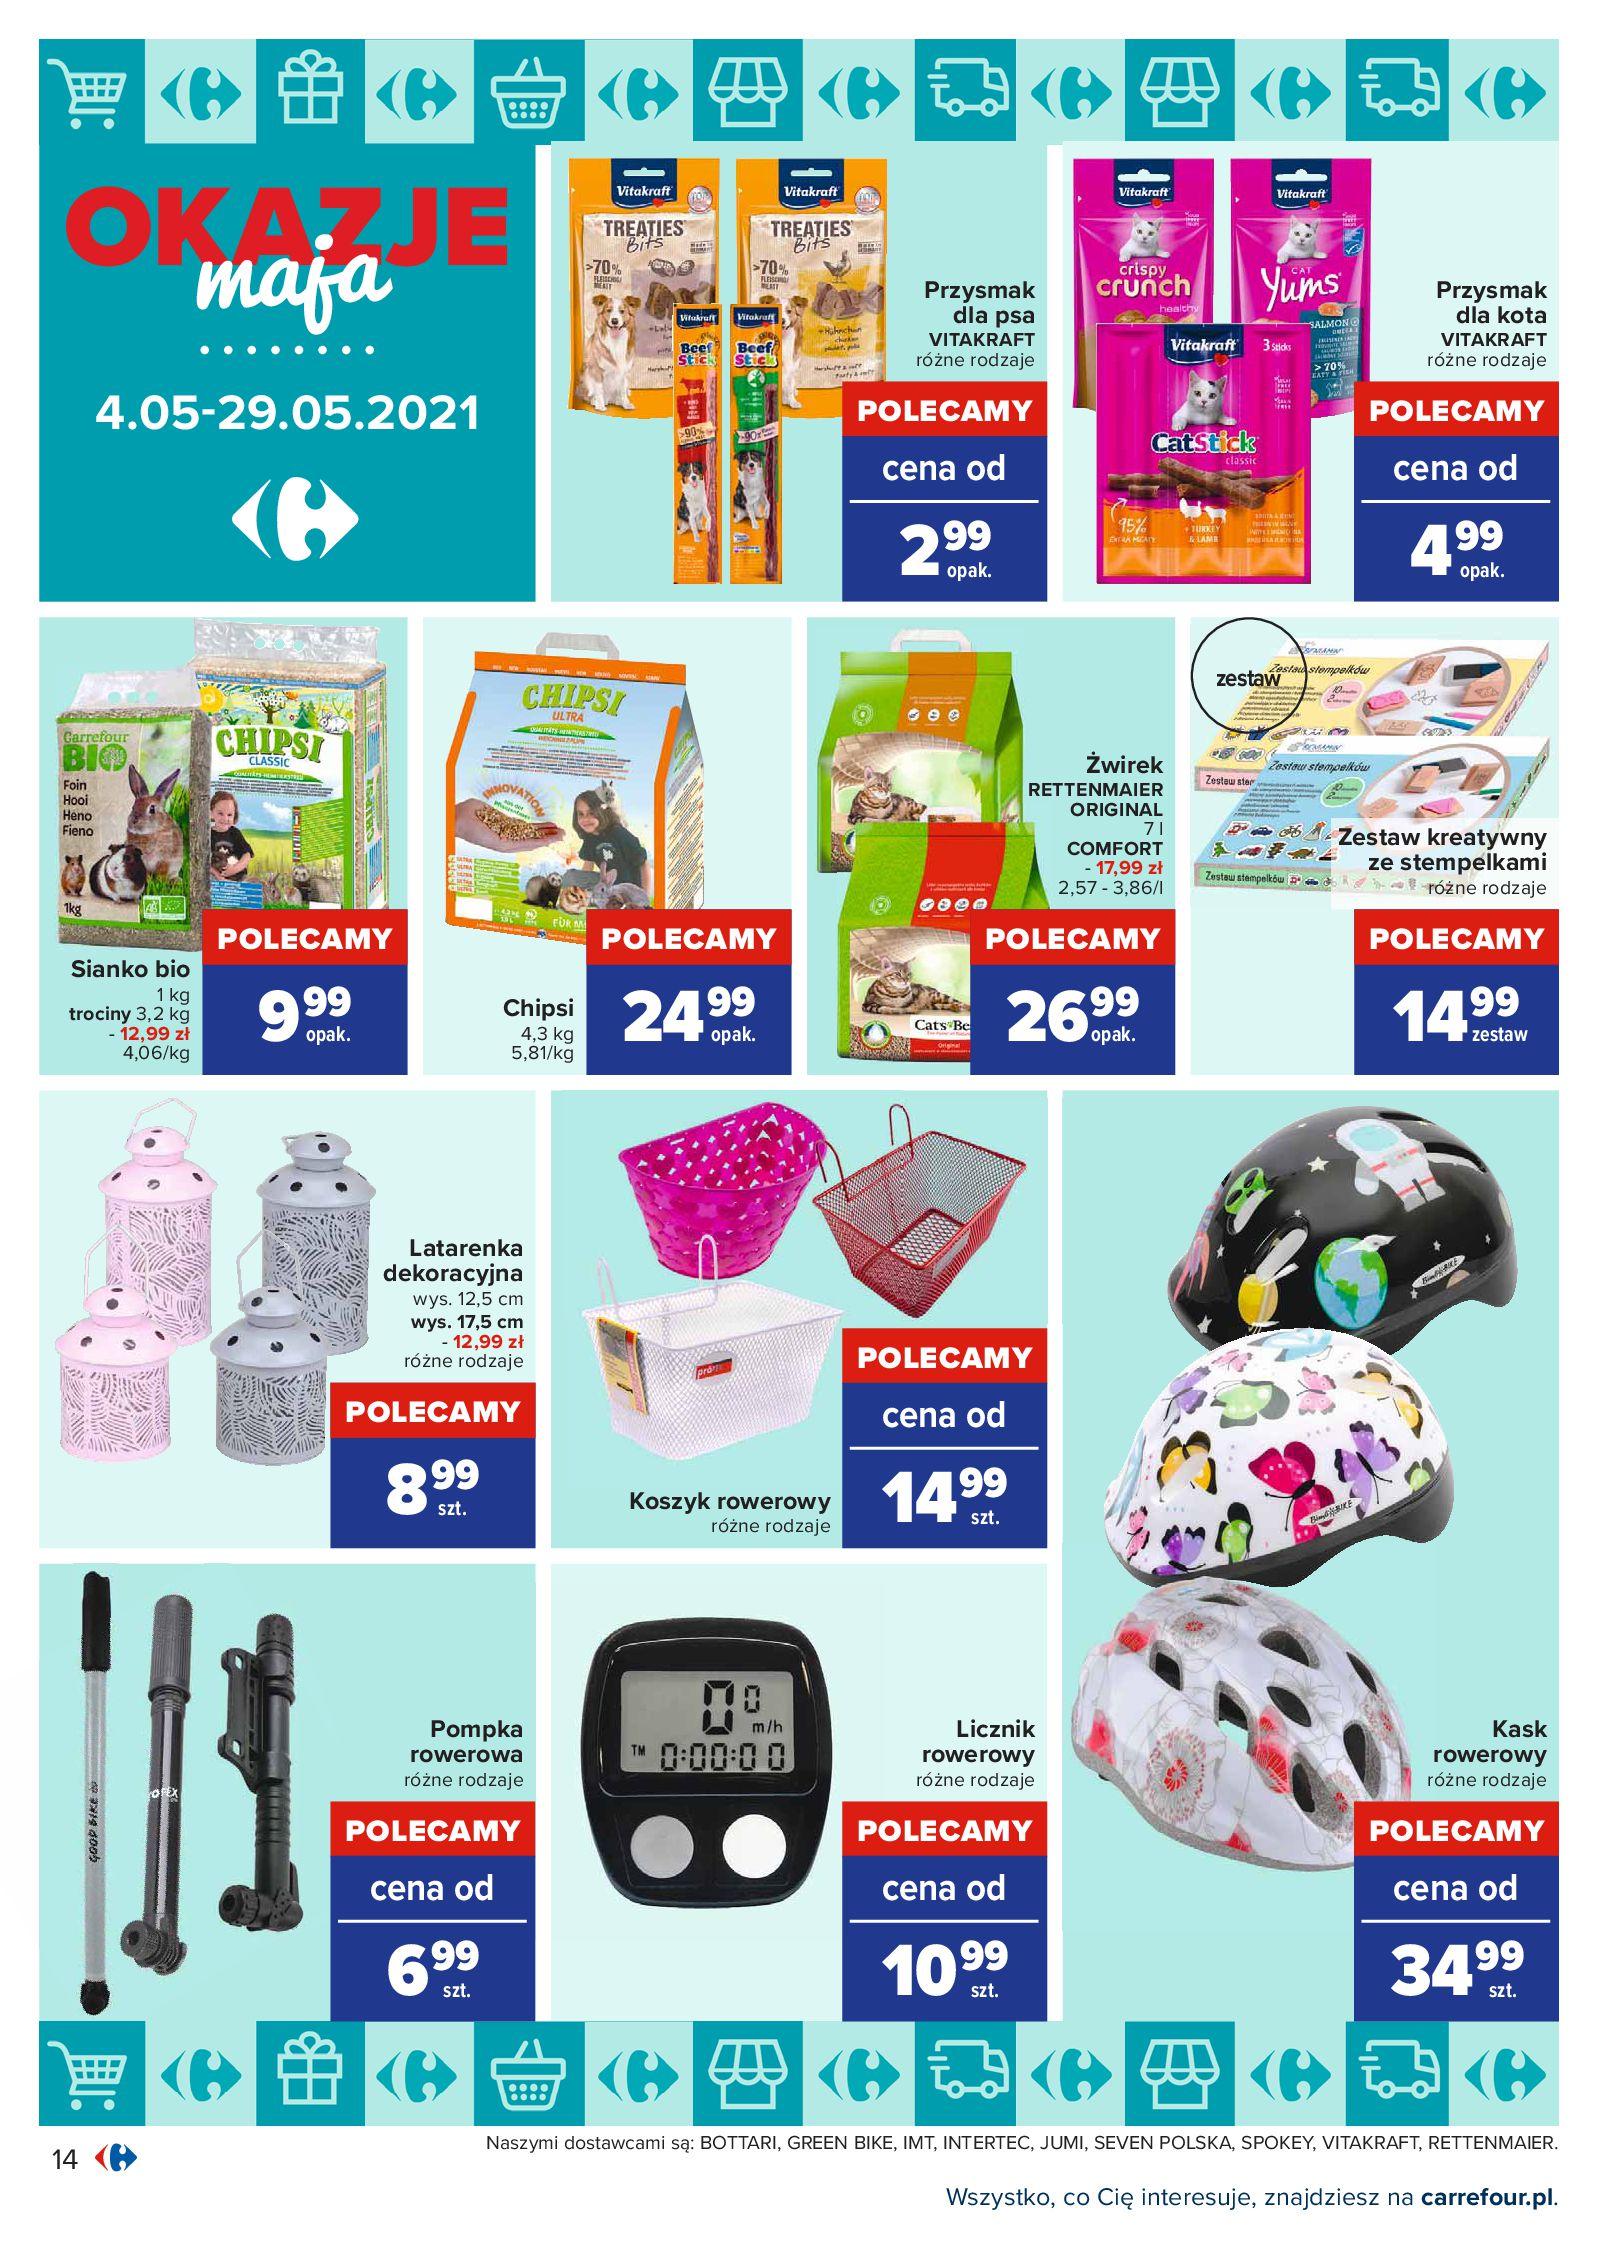 Gazetka Carrefour: Okazje maja 2021-05-04 page-14